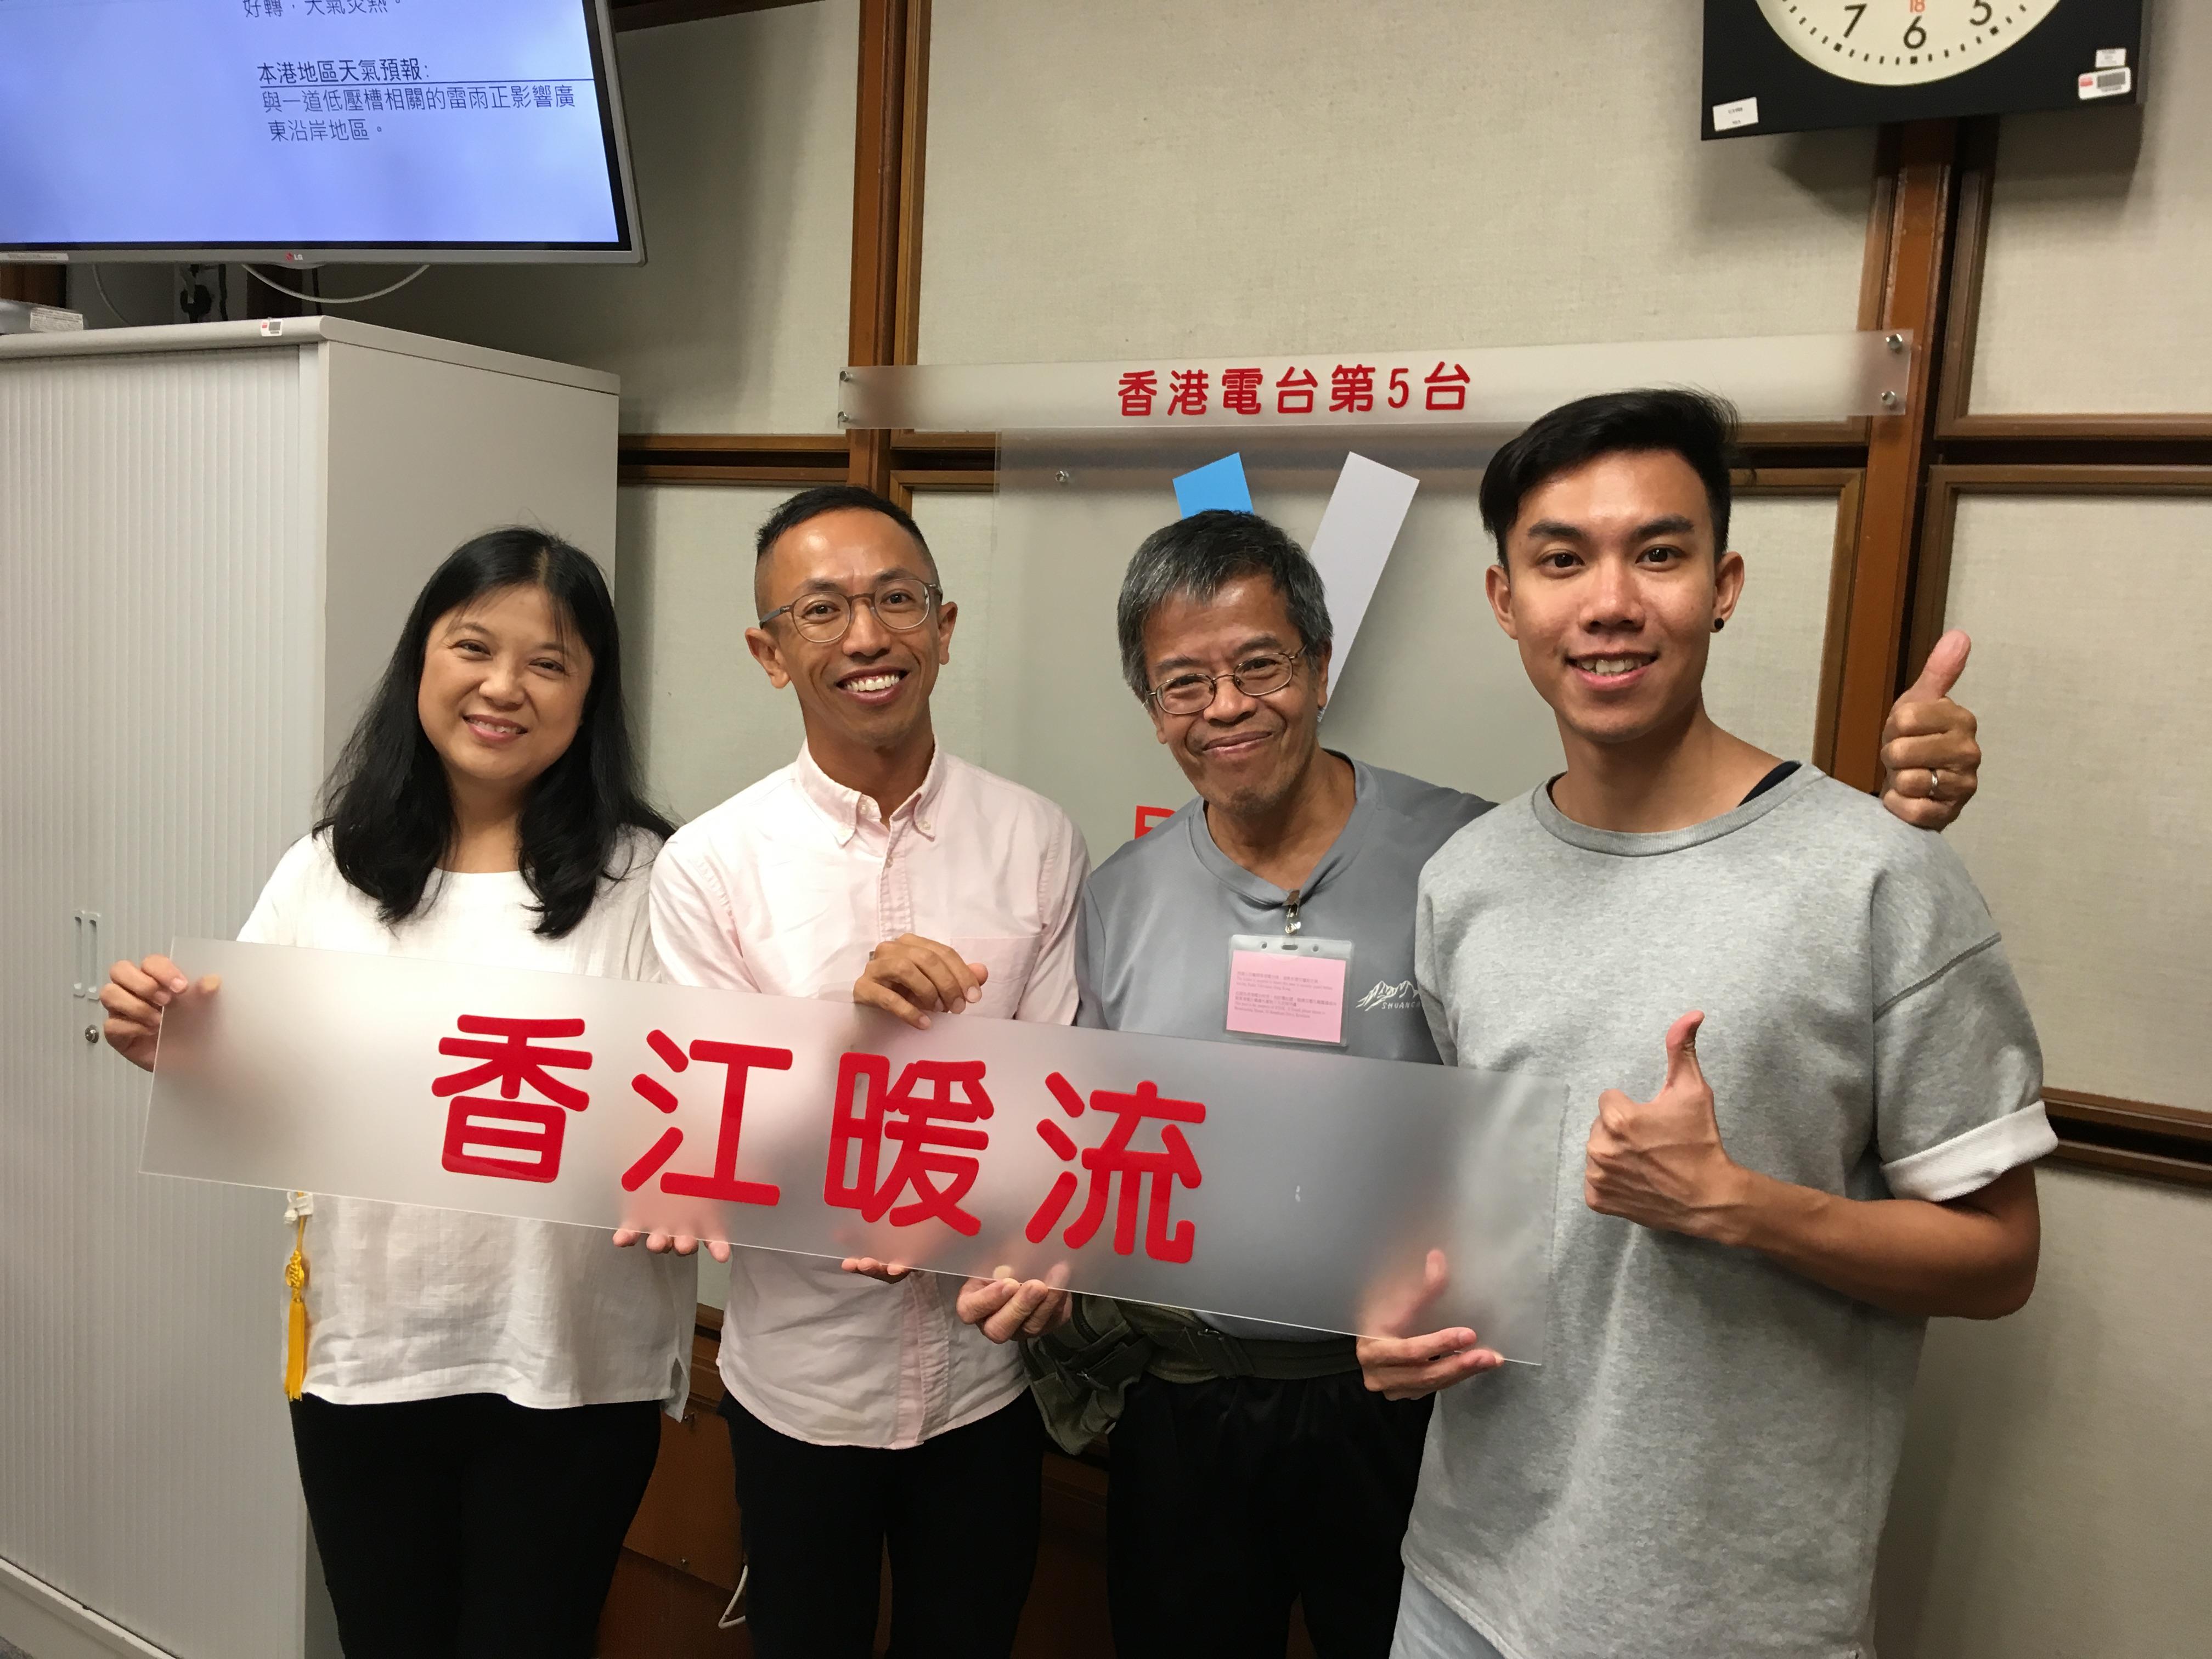 香江暖流「心呼吸」:喜樂的心是晚期病患的良藥 (Radio Television Hong Kong)